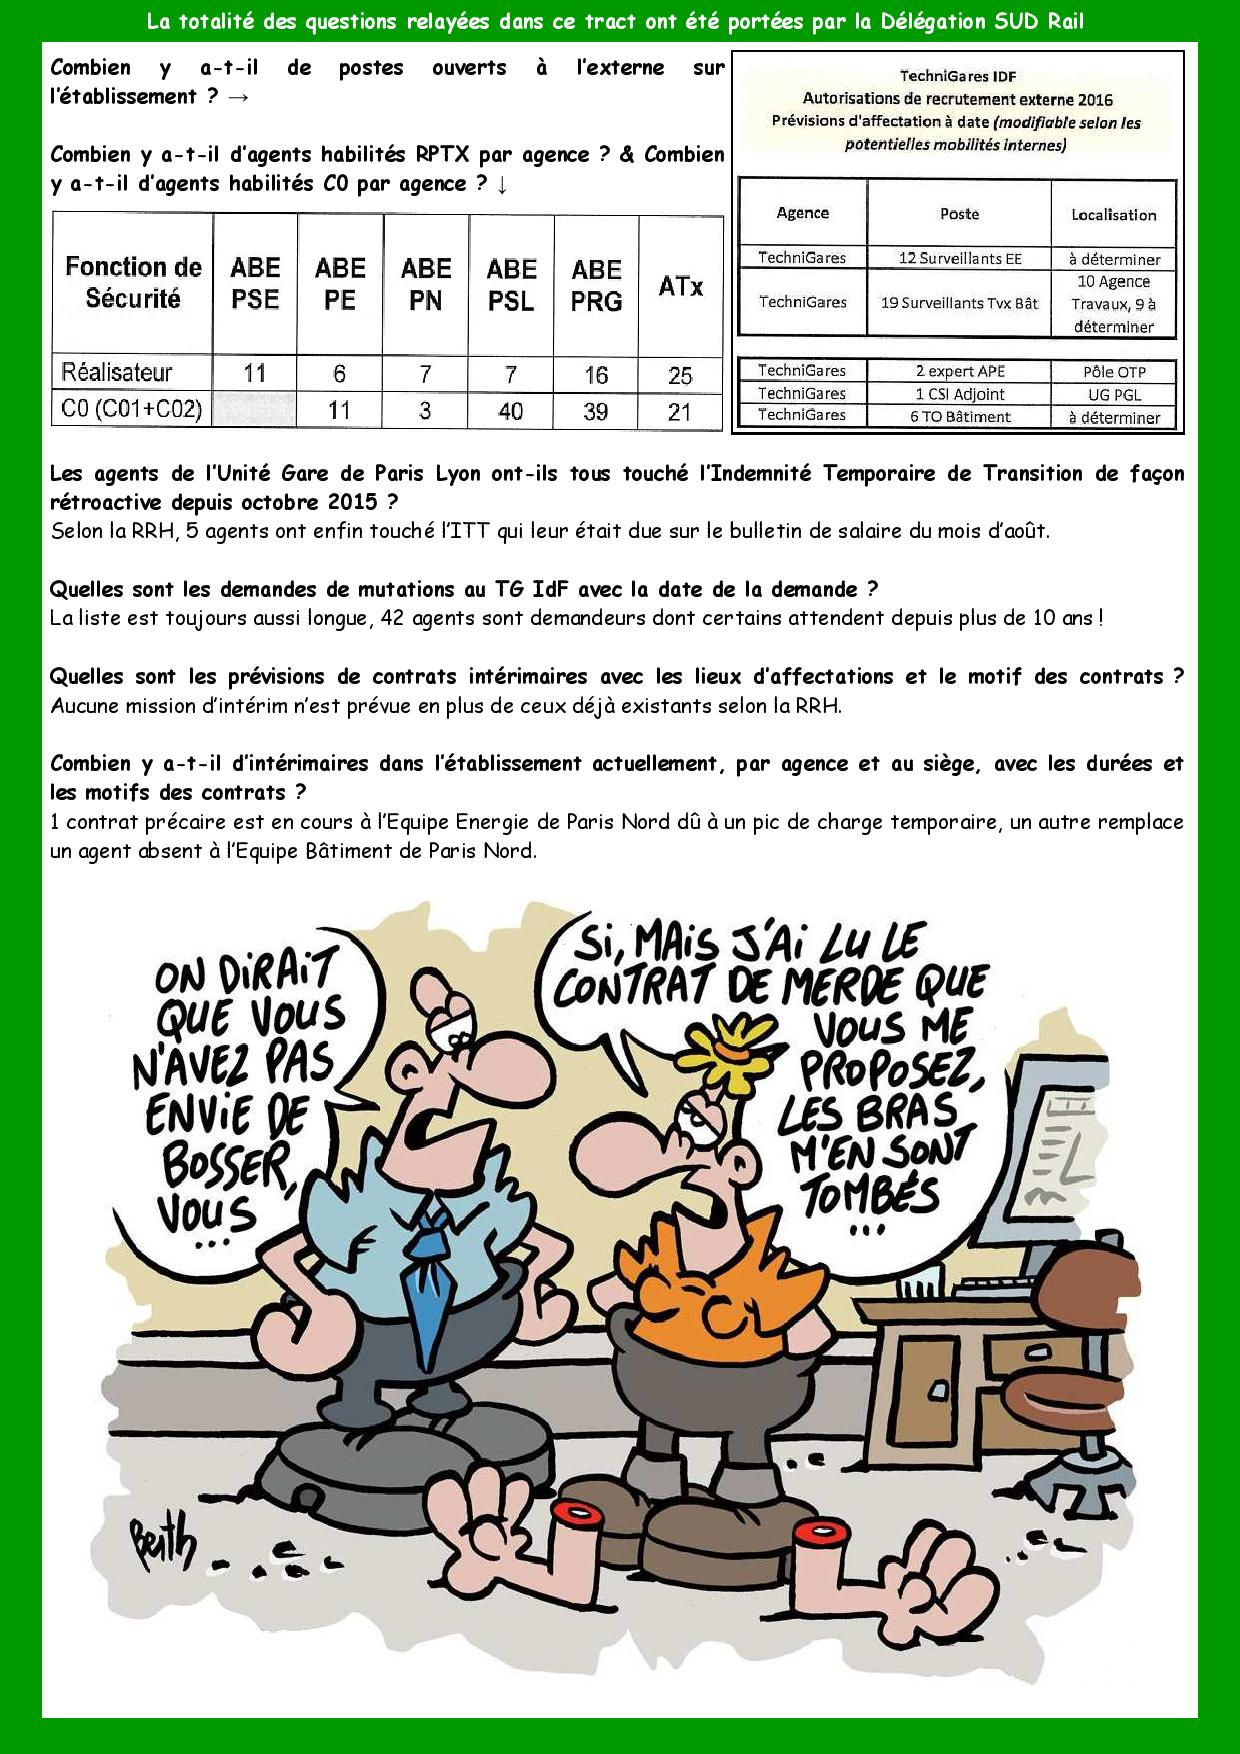 cr-dp-tgidf-22-09-16-page-007